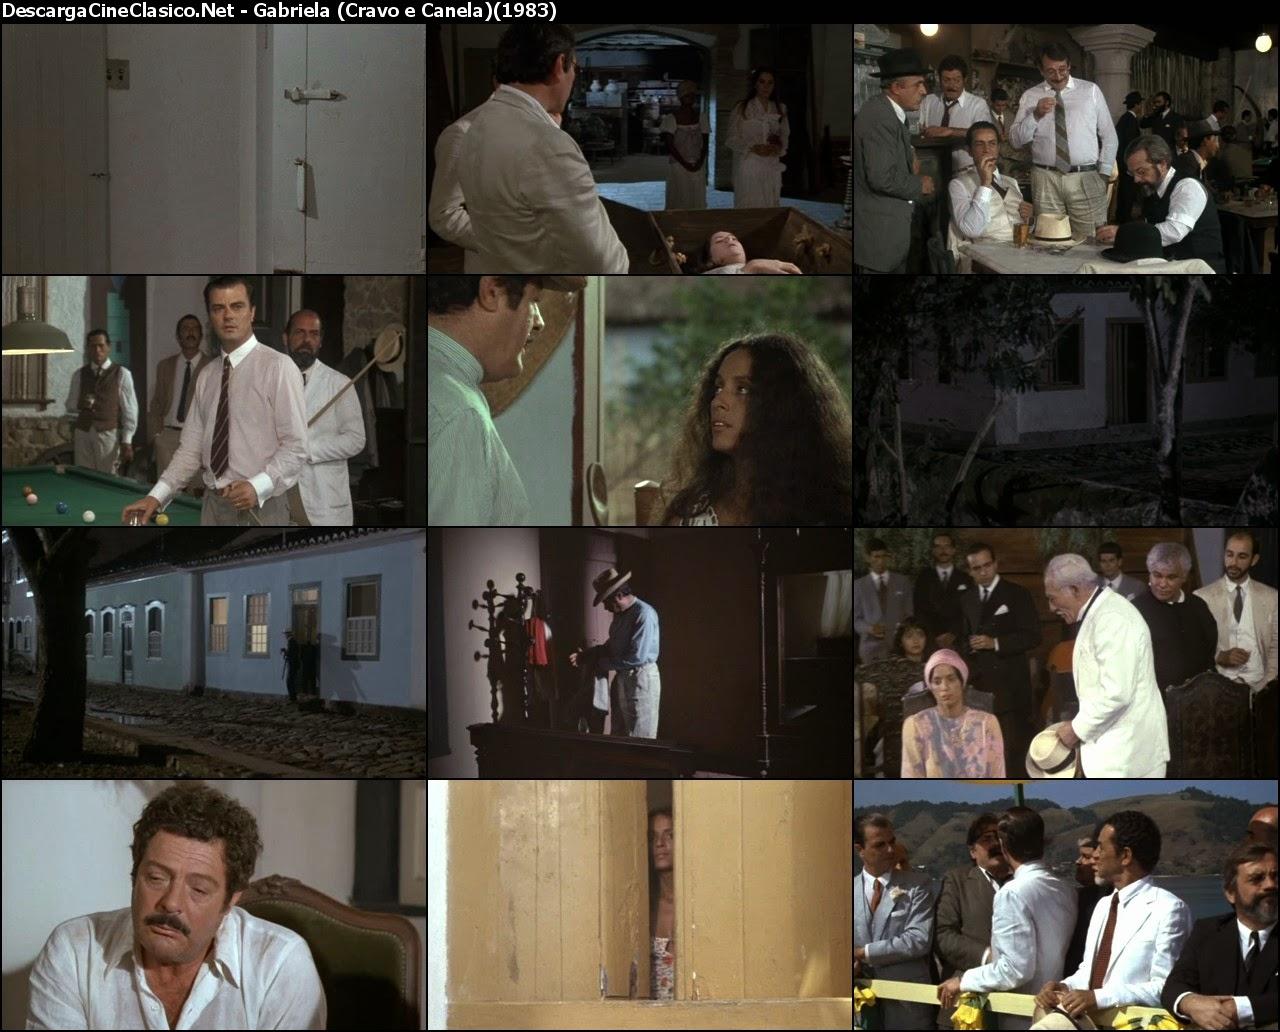 Gabriela, Cravo e Canela (1984)